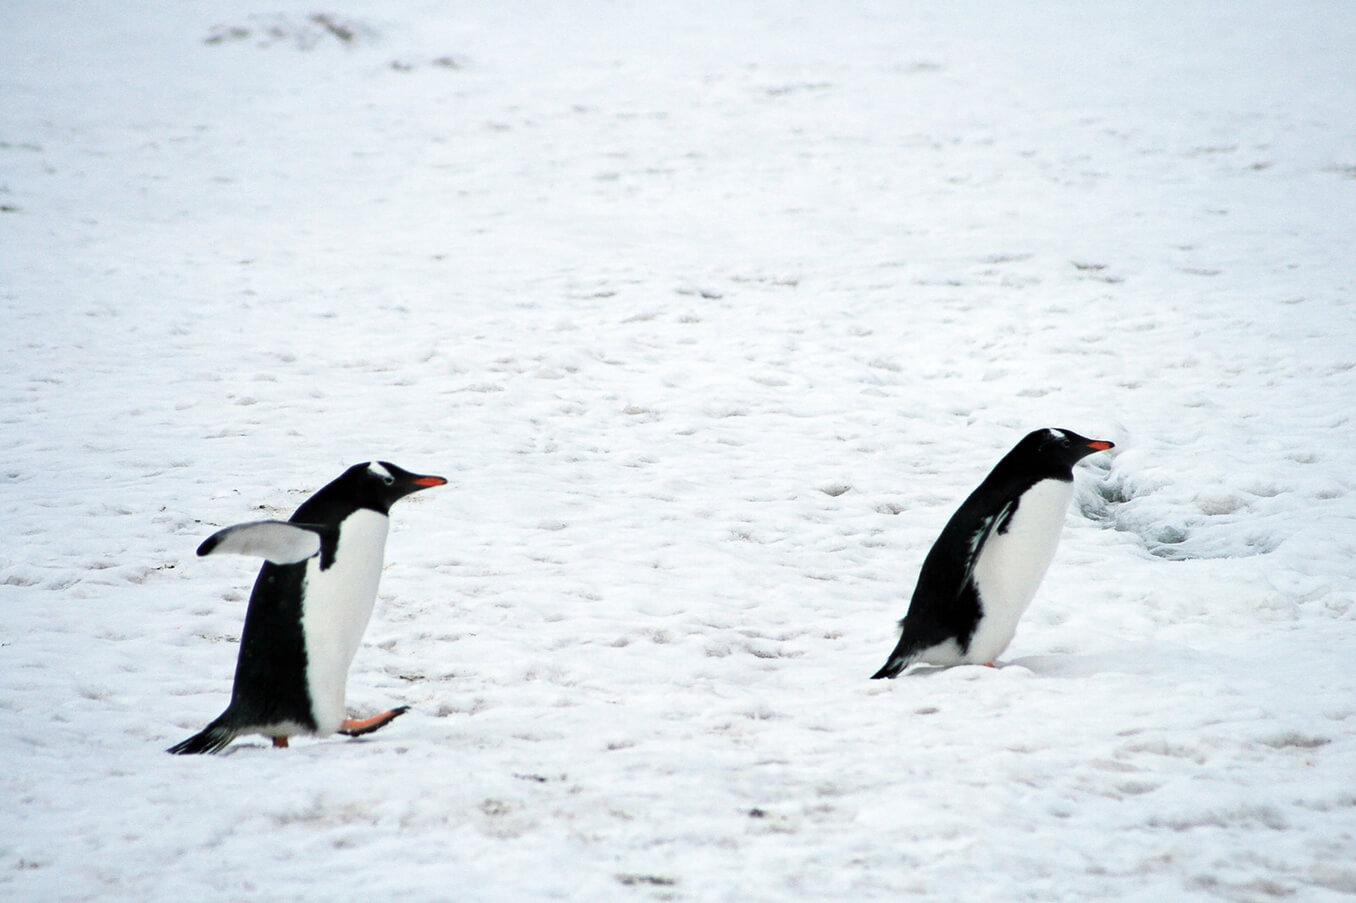 ペンギンアップデート4.0についての考察の画像